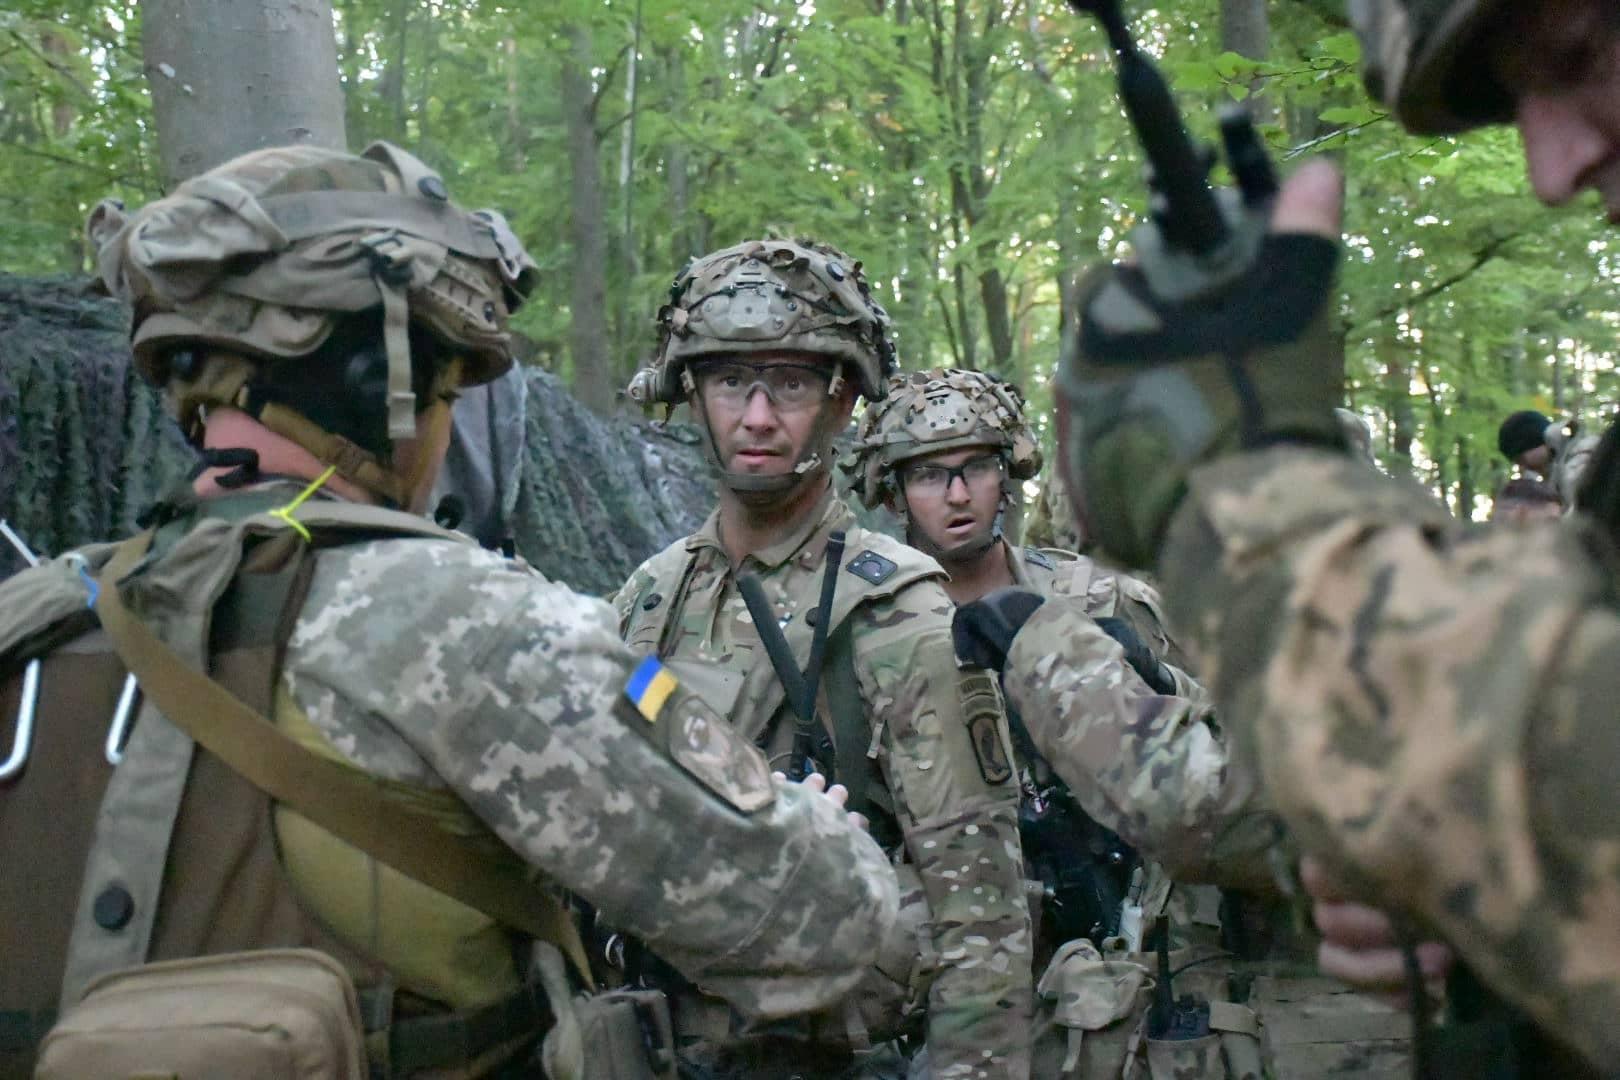 Захвачен американский штаб. Saber Junction 2018. Главные новости Украины сегодня без цензуры